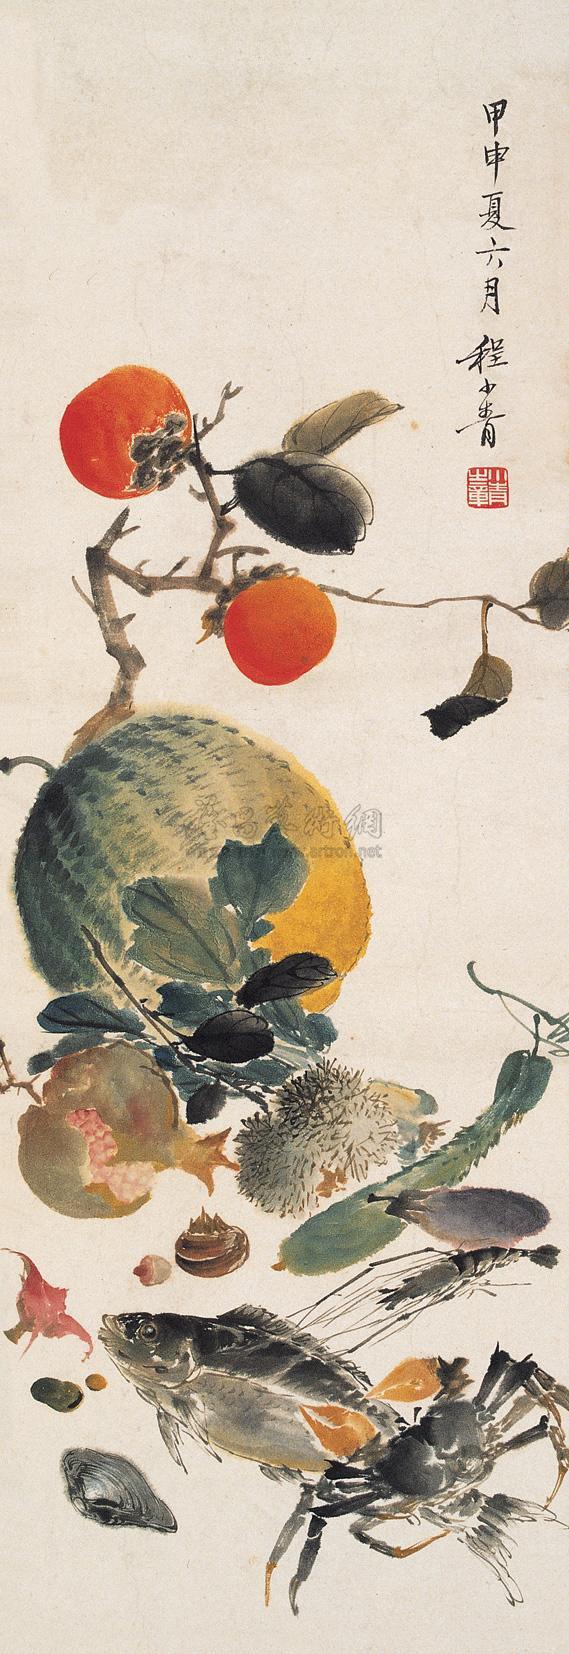 现代 书斋镜片一件 纸本 说明:程小青(1893-1976)上海人,晚号茧翁,室名茧庐。侦探小说作家。1915年起译《福尔摩斯探案》。1956年起从事写作。先后有《大树村血案》、《她为什么被杀》等作品。亦擅绘花卉。